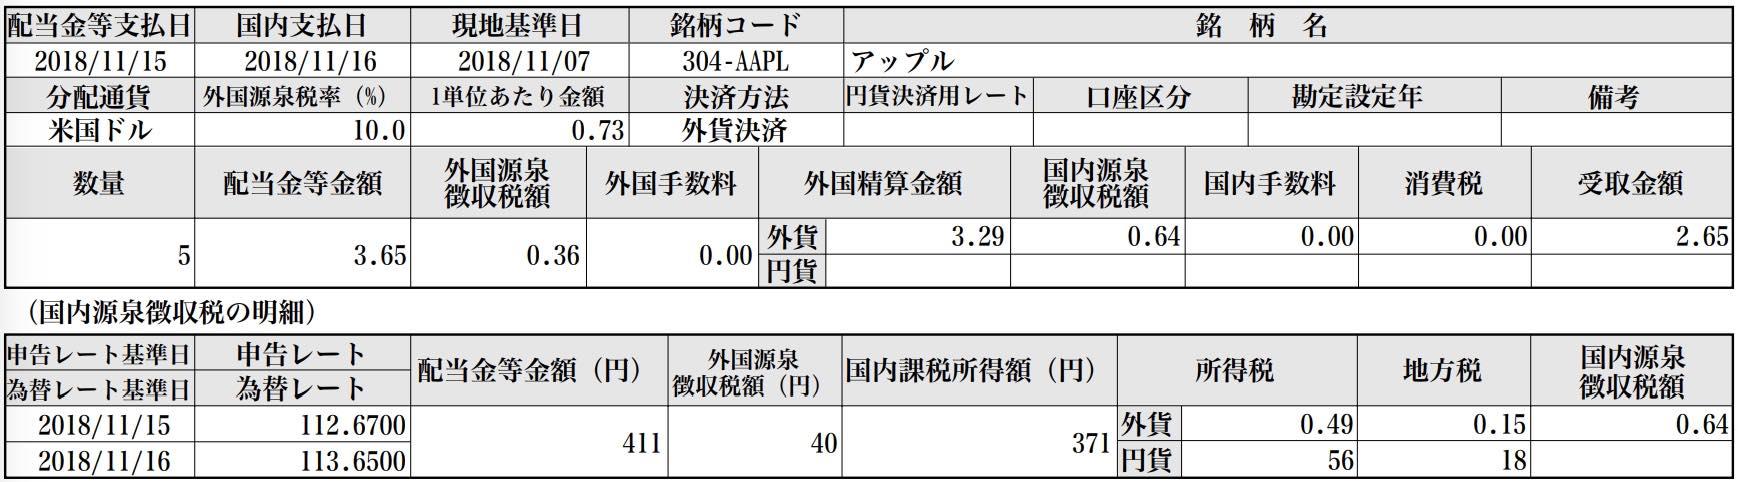 【米国株🇺🇸】APPL アップルより配当金2.65米ドル入金されました❣️